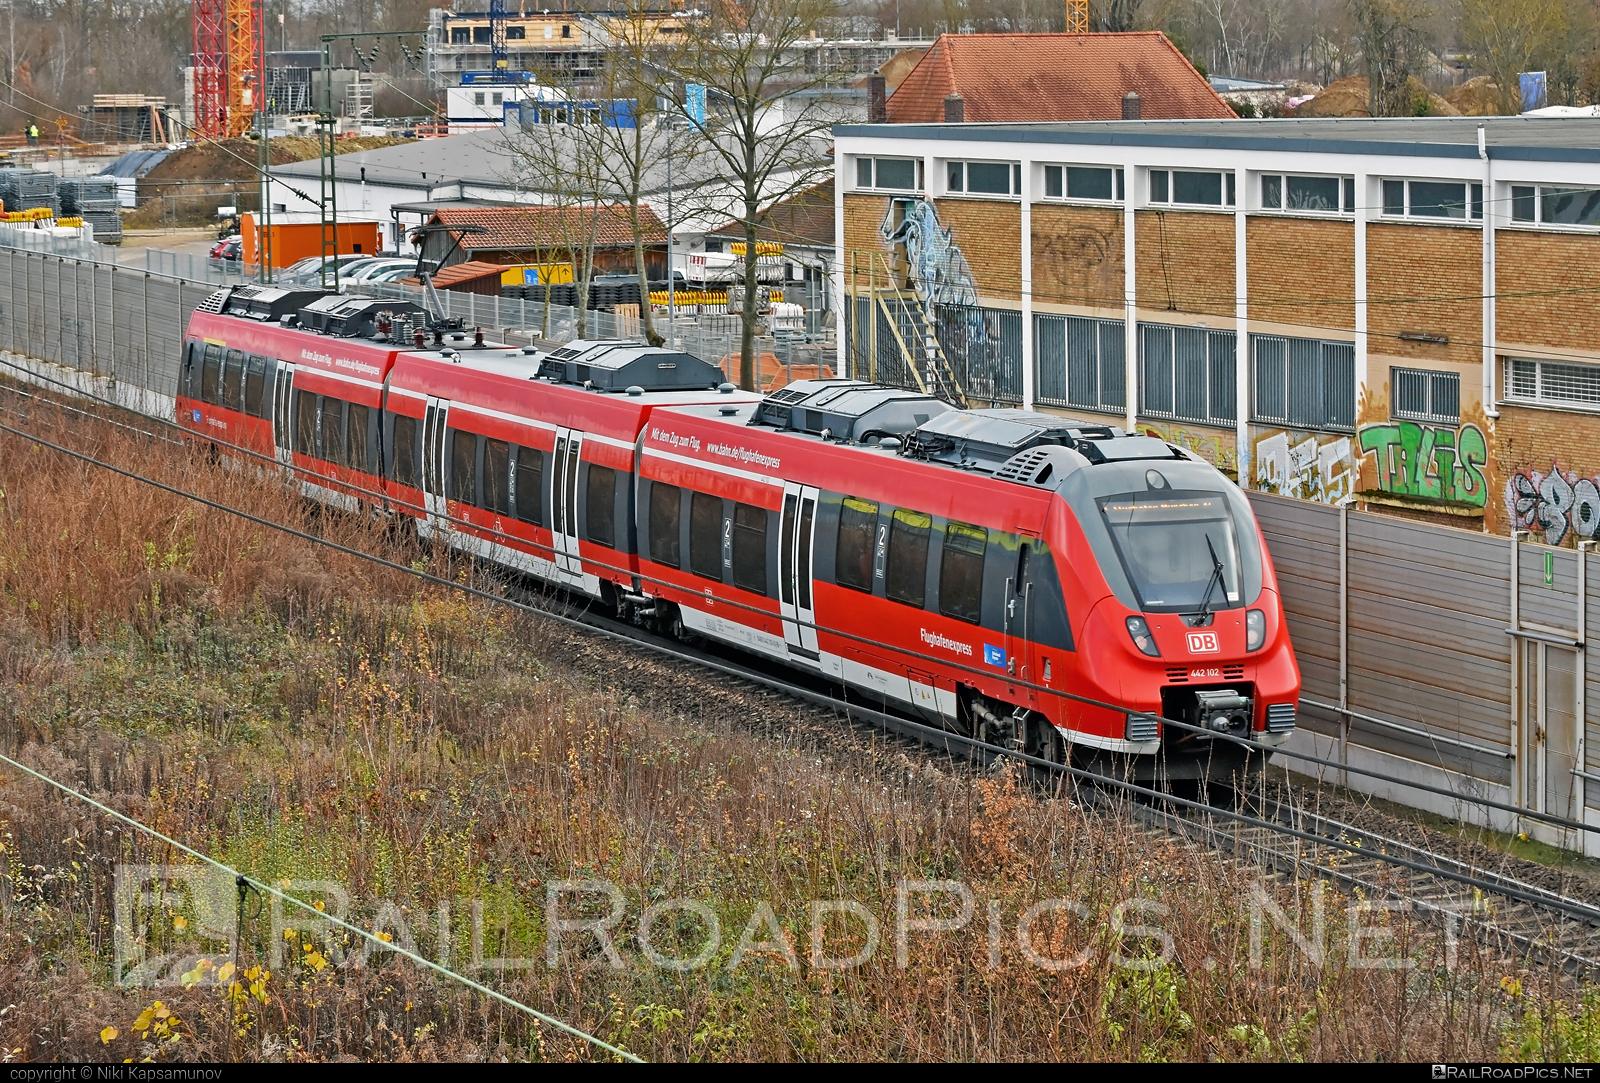 Bombardier Talent 2 - 442 102 operated by Deutsche Bahn / DB AG #bombardier #bombardiertalent #bombardiertalent2 #db #deutschebahn #flughafenexpress #talent2